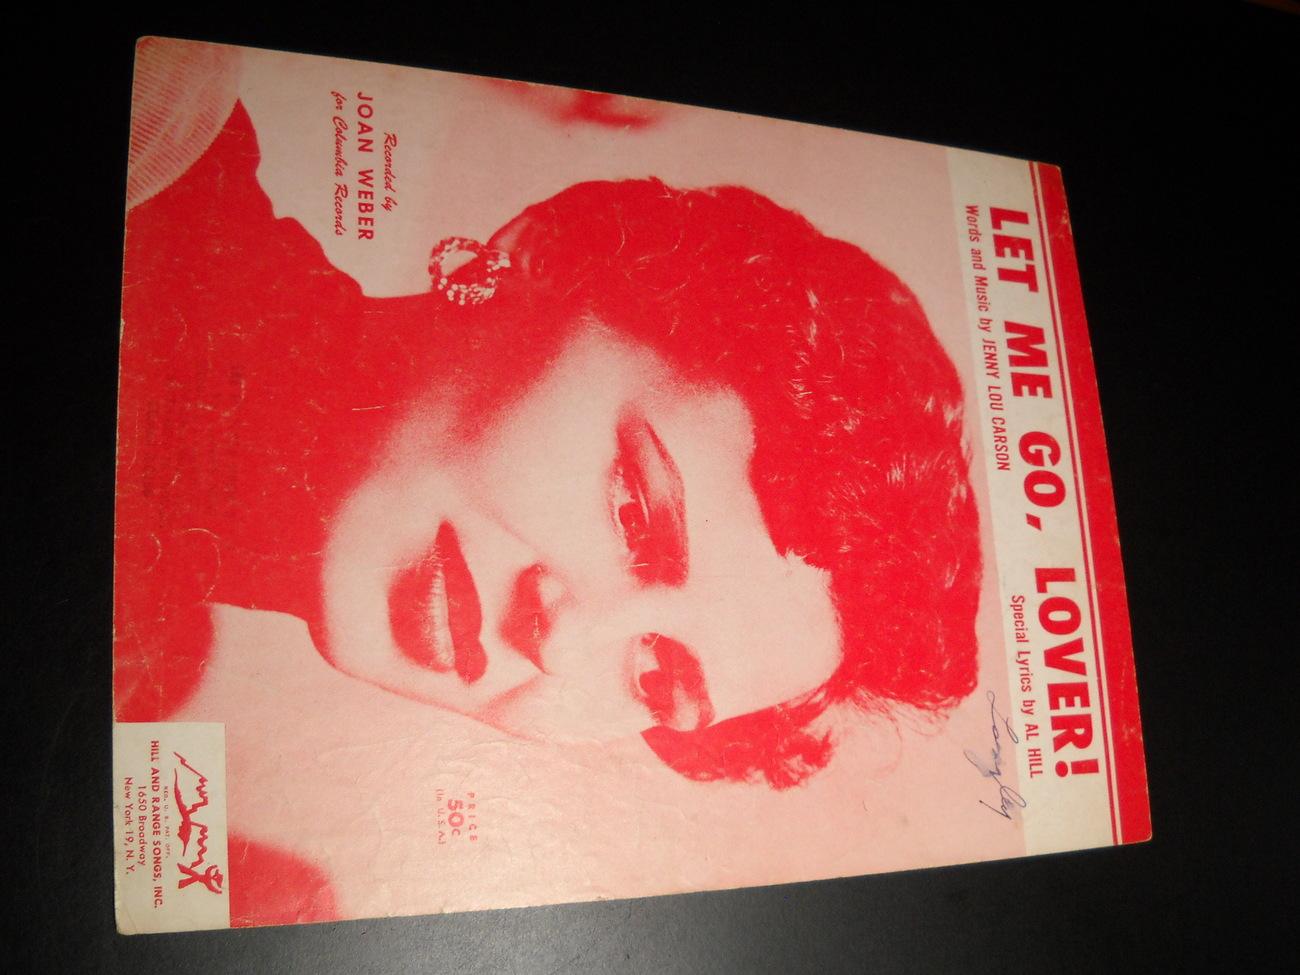 Sheet_music_let_me_go_lover_joan_weber_carson_hill_1954_hill_and_range_01